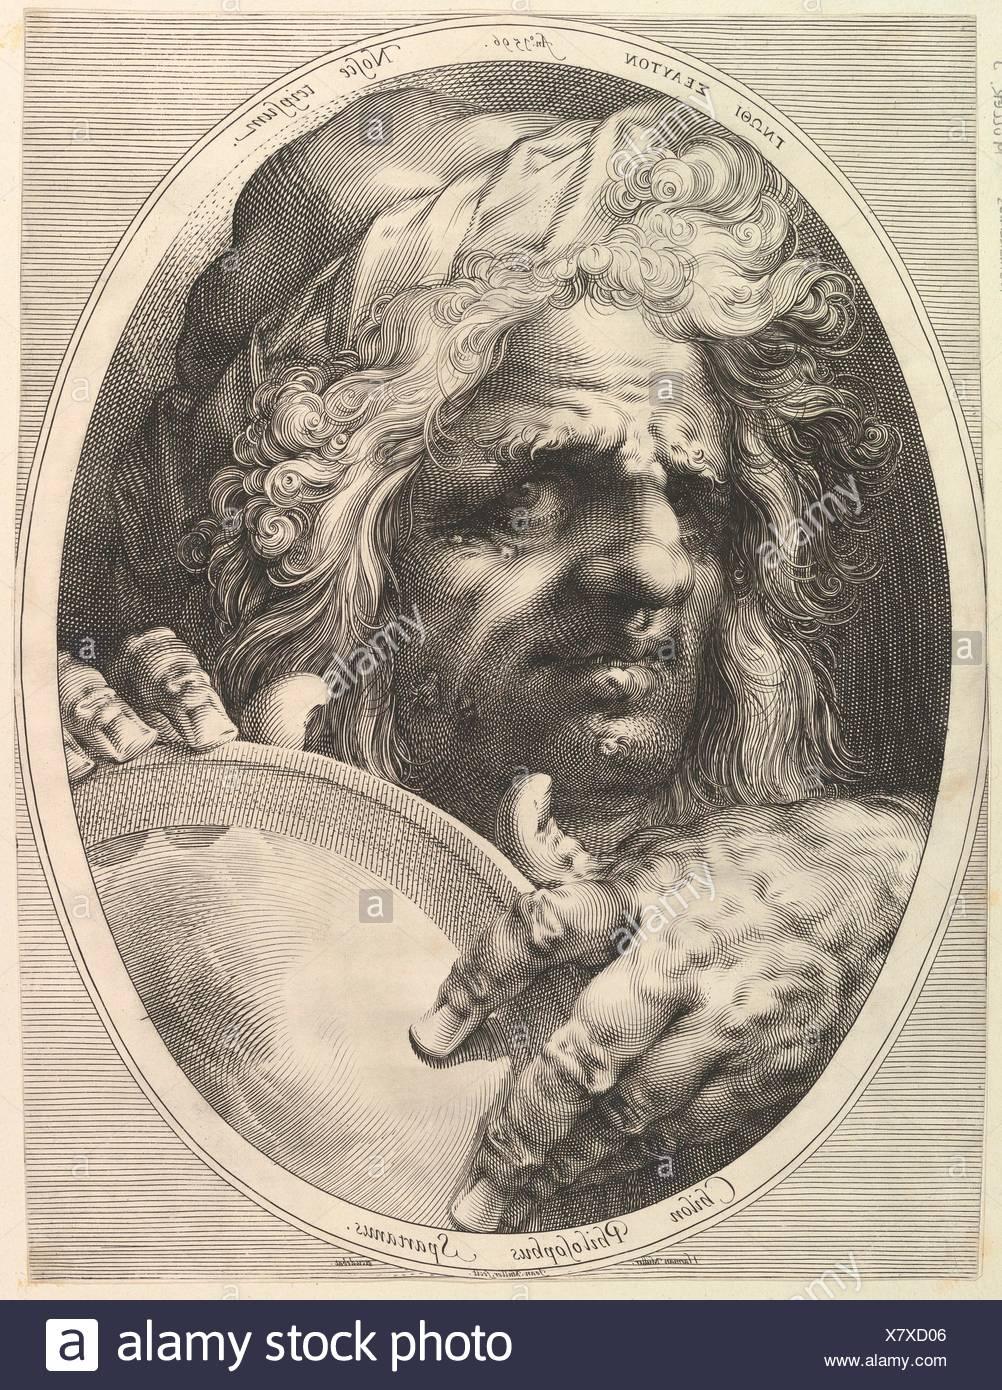 Chilon, Legislator & Philosopher of Sparta. Artist: Jan Muller (Netherlandish, Amsterdam 1571-1628 Amsterdam); Publisher: Harmen Jansz. Muller Stock Photo